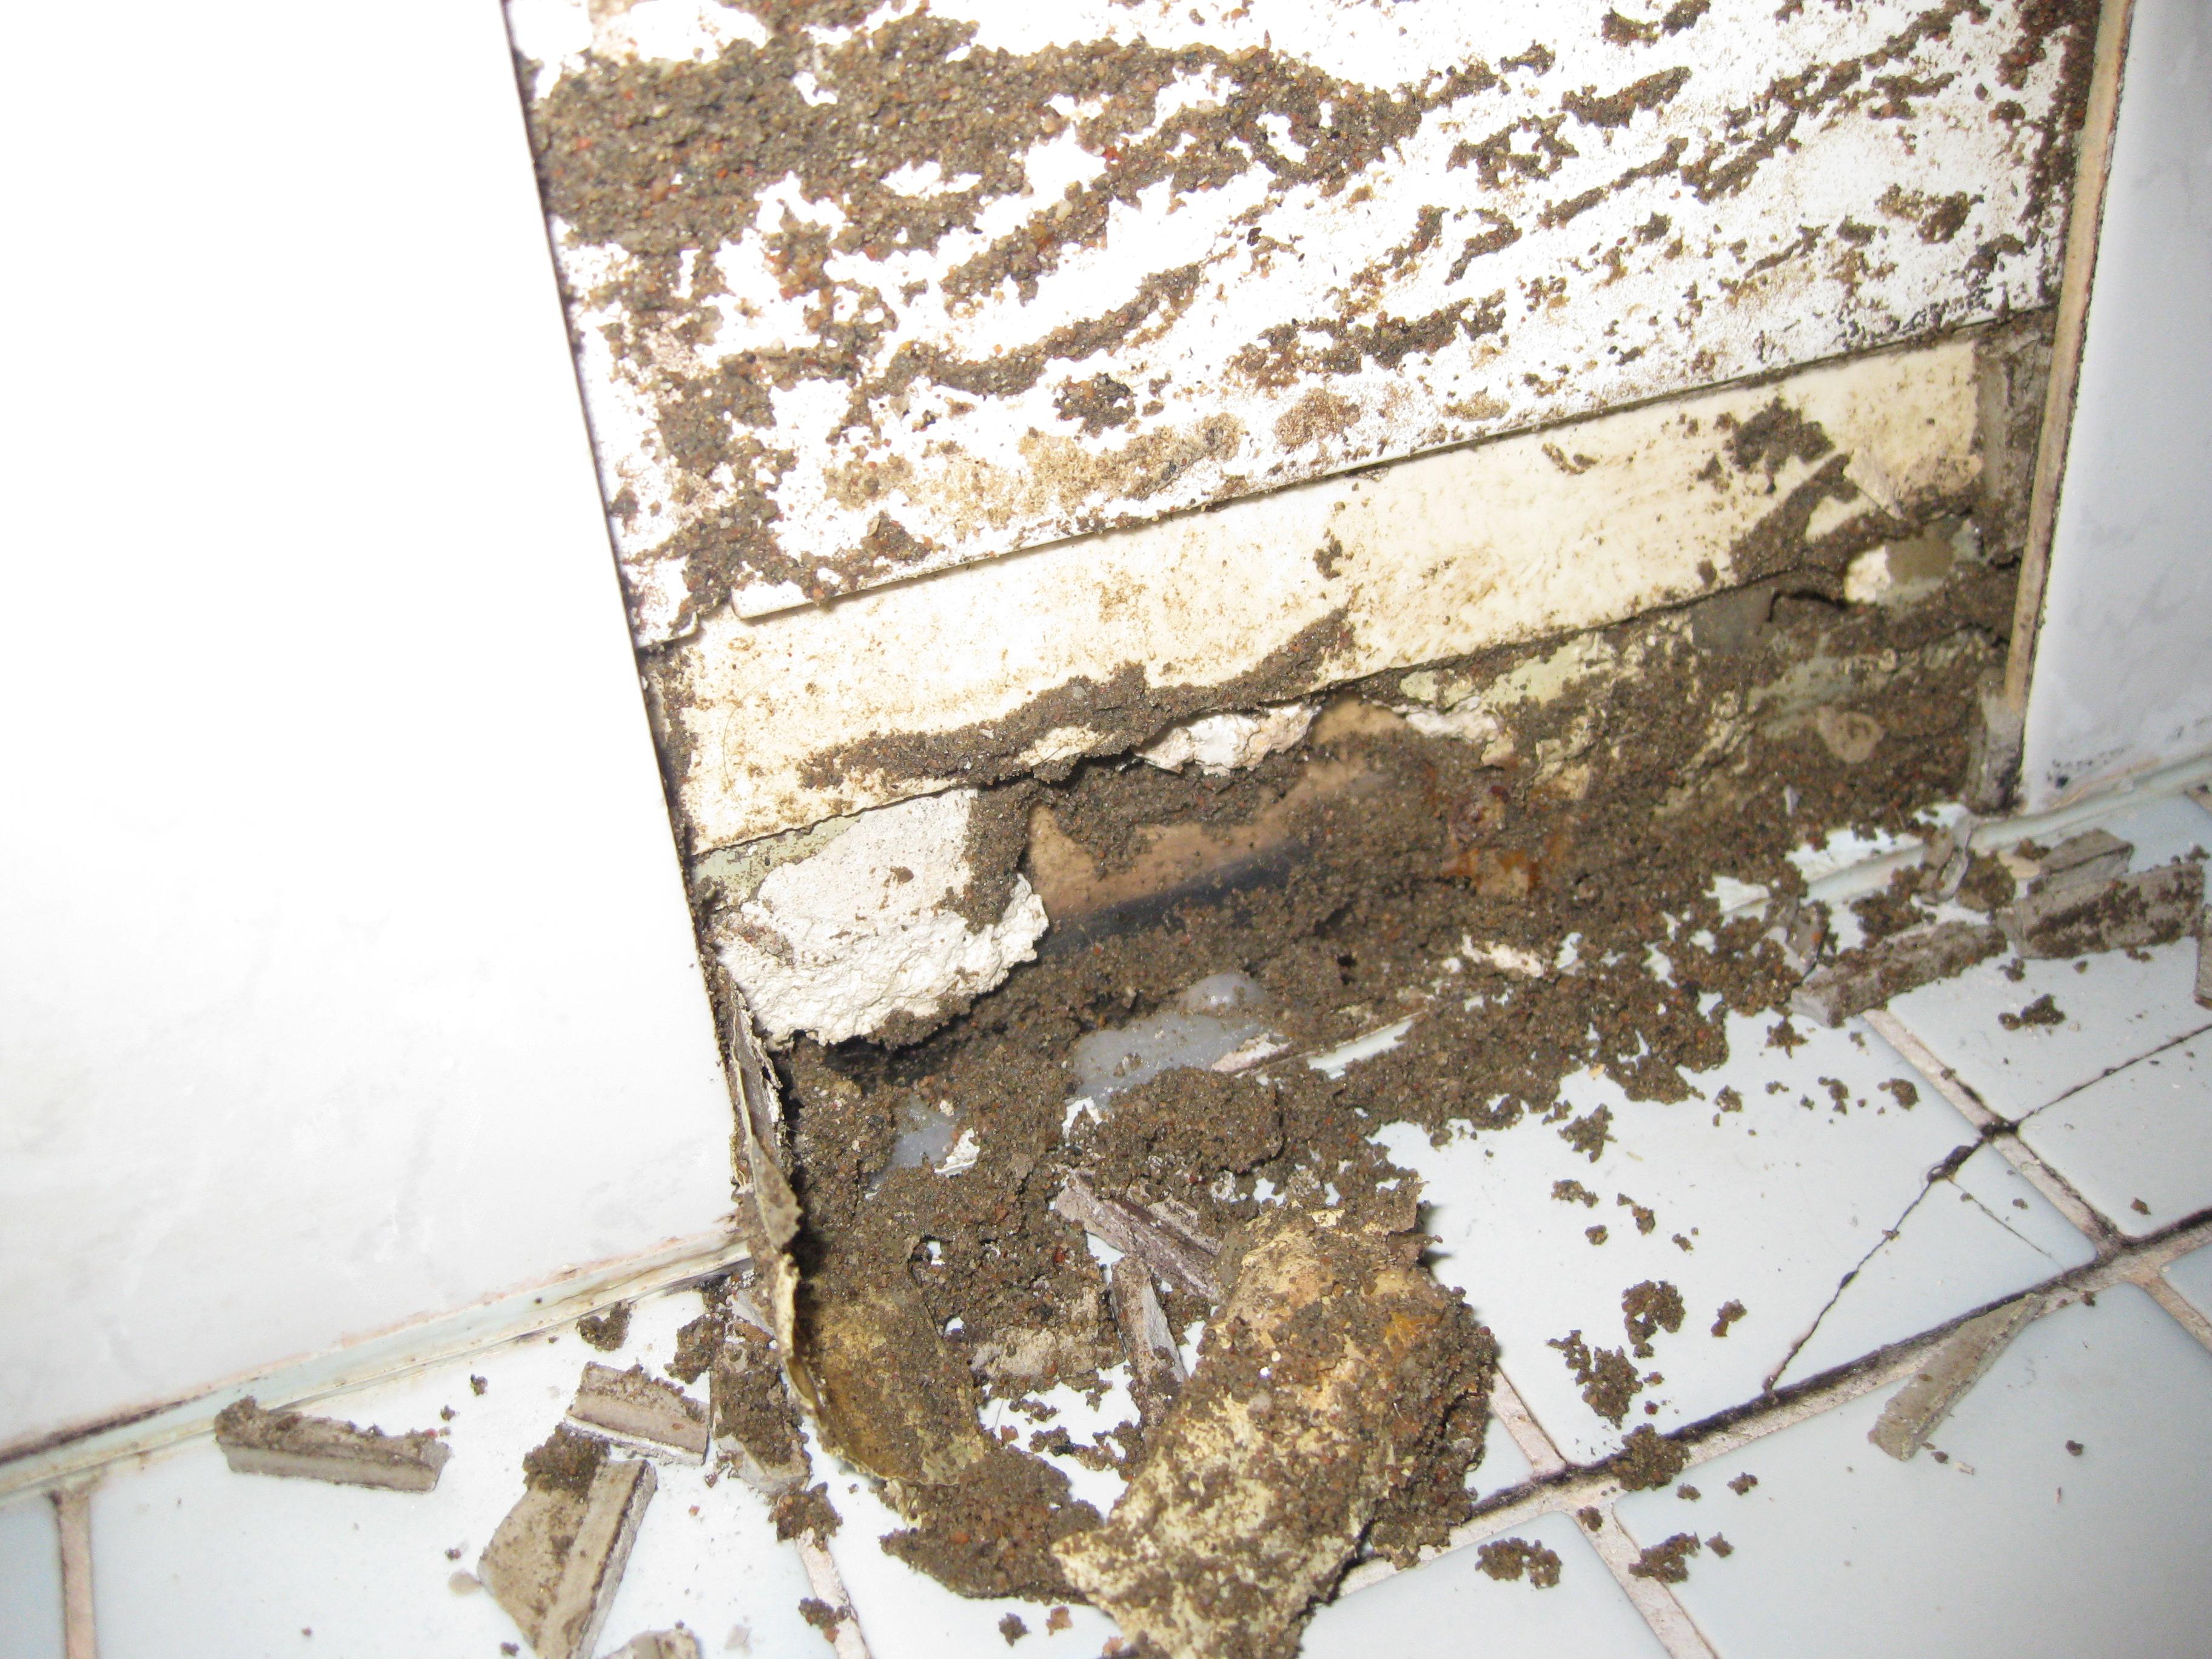 Kylpyhuoneen seinän vaurio